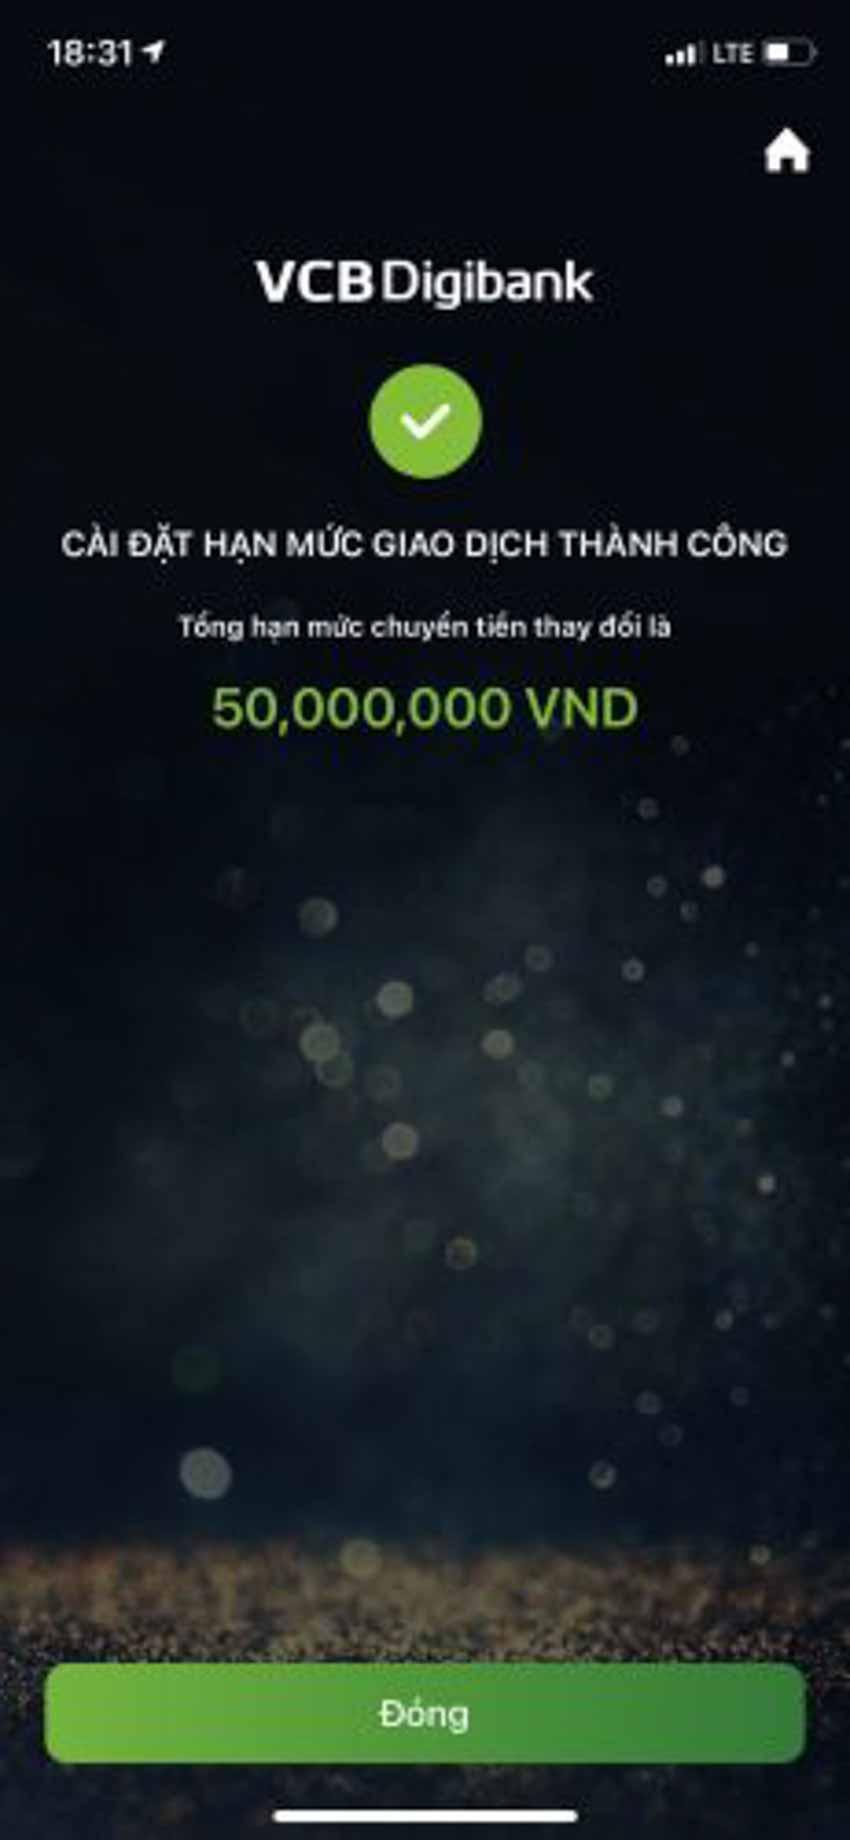 Hướng dẫn cách đổi hạn mức chuyển tiền Vietcombank - 5